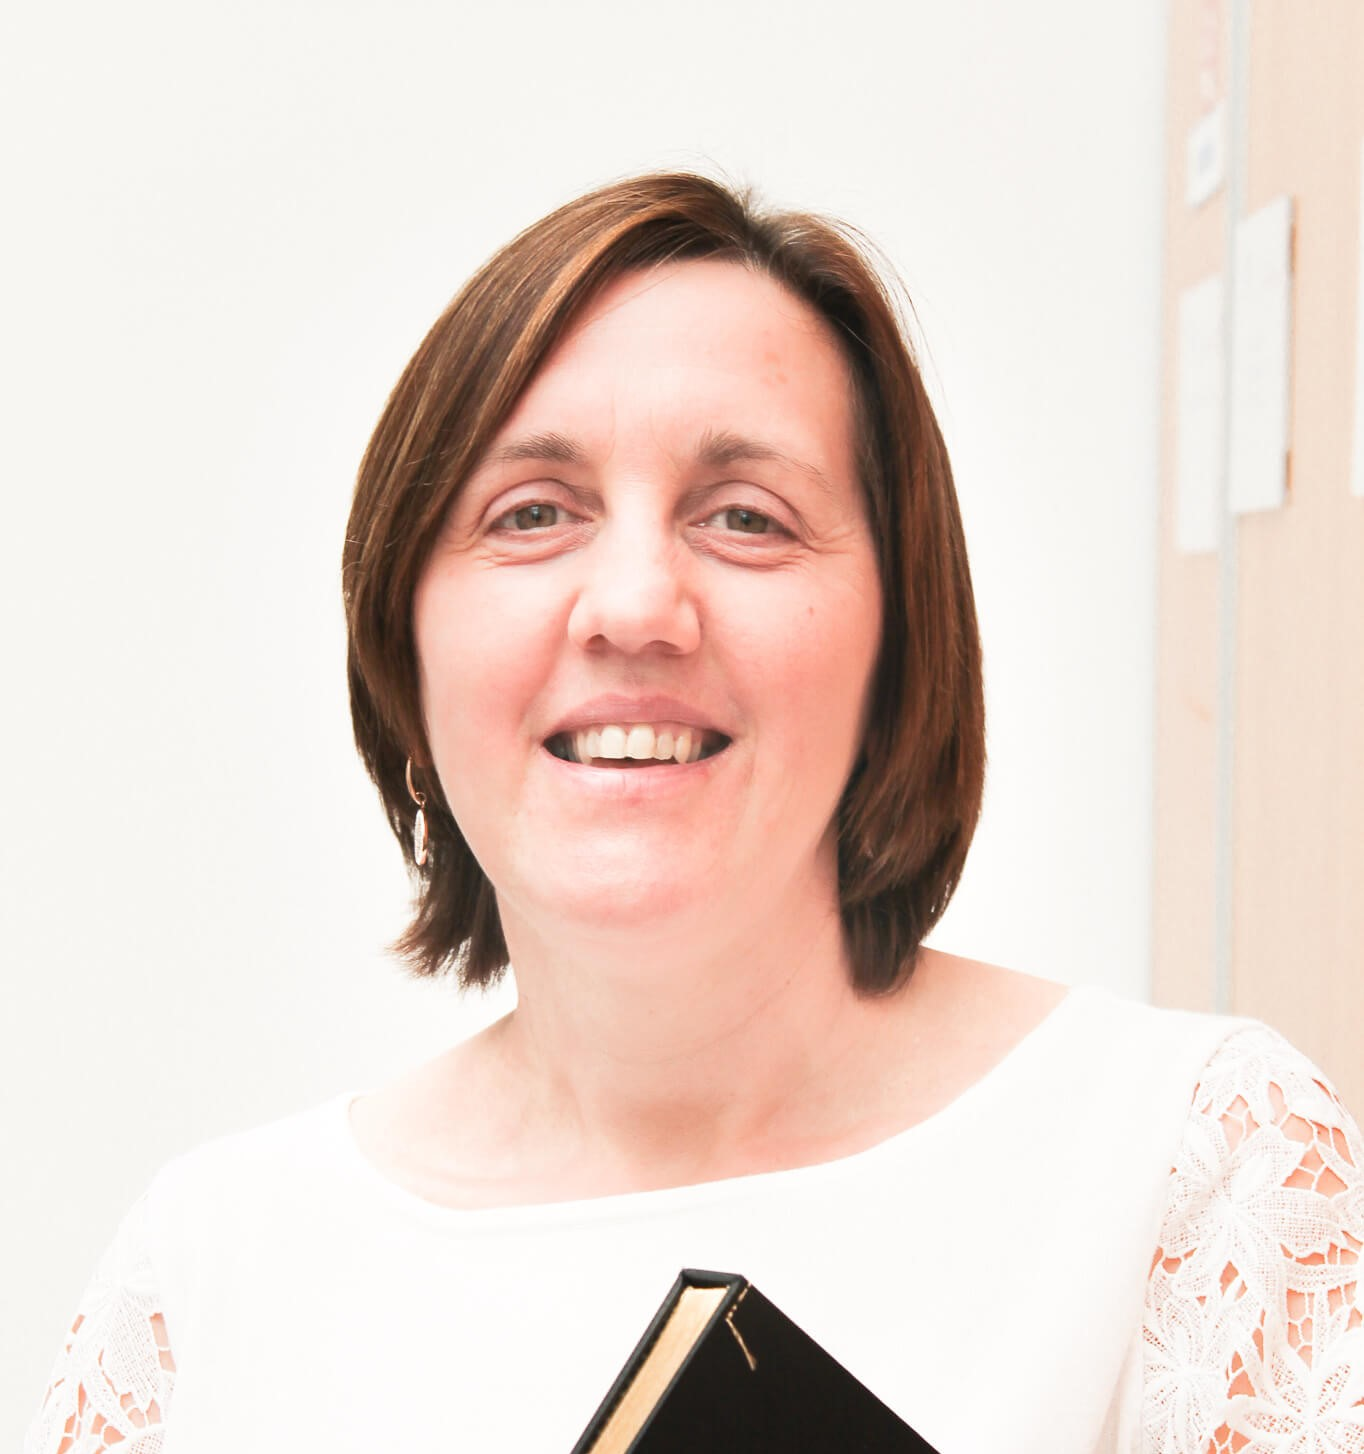 Foto van Hilde in kantoor waarbij ze een boek vasthoudt.